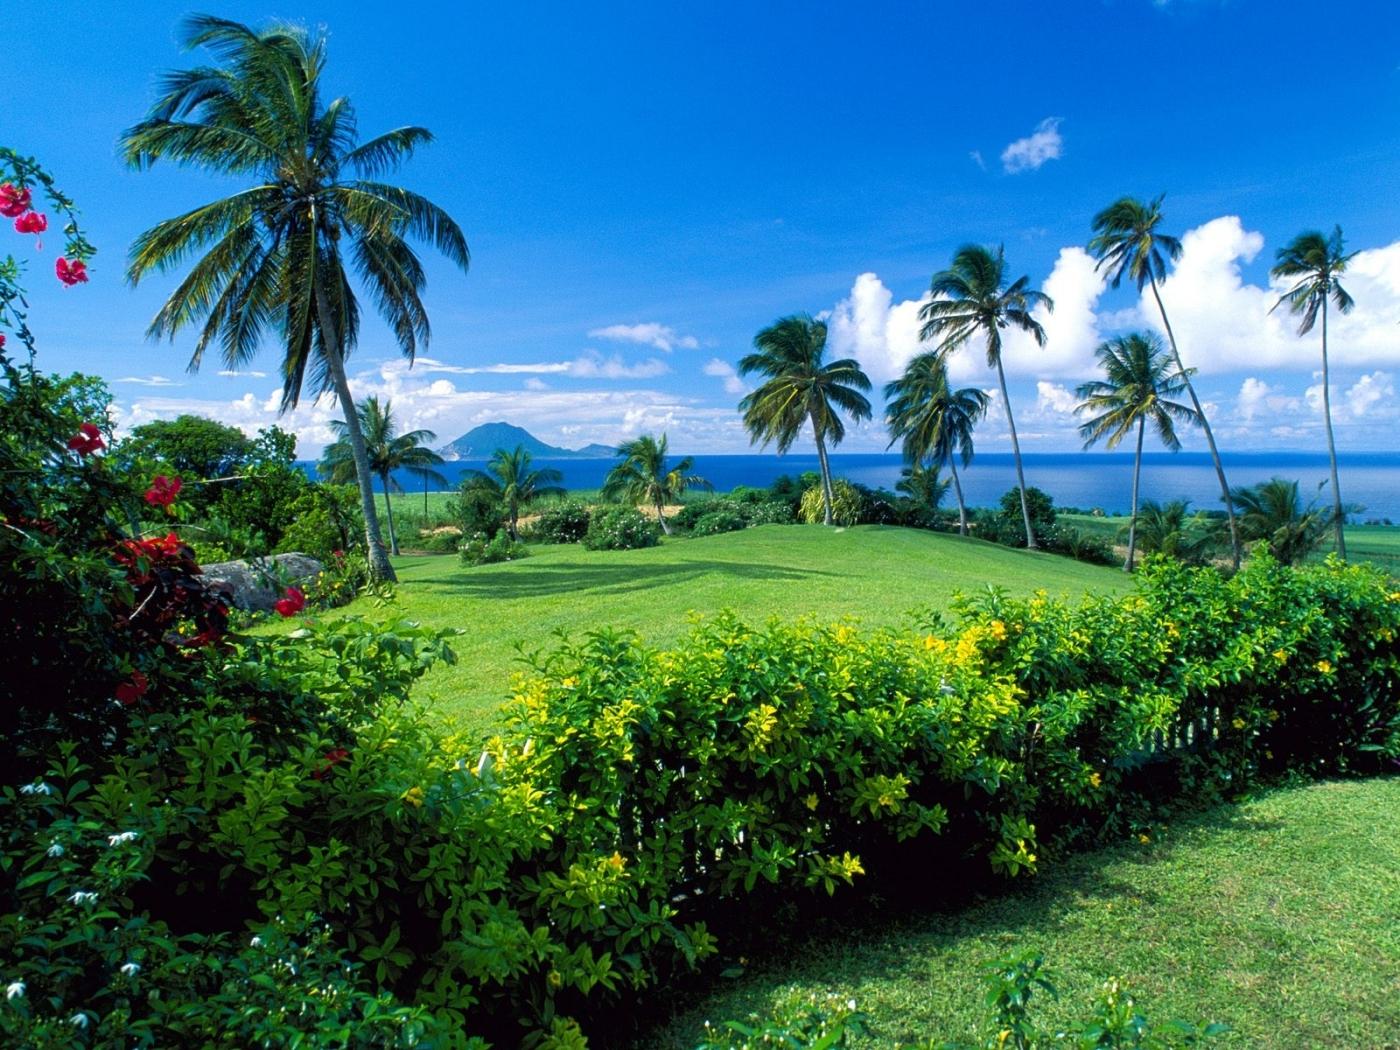 26499 免費下載壁紙 景观, 海, 棕榈 屏保和圖片